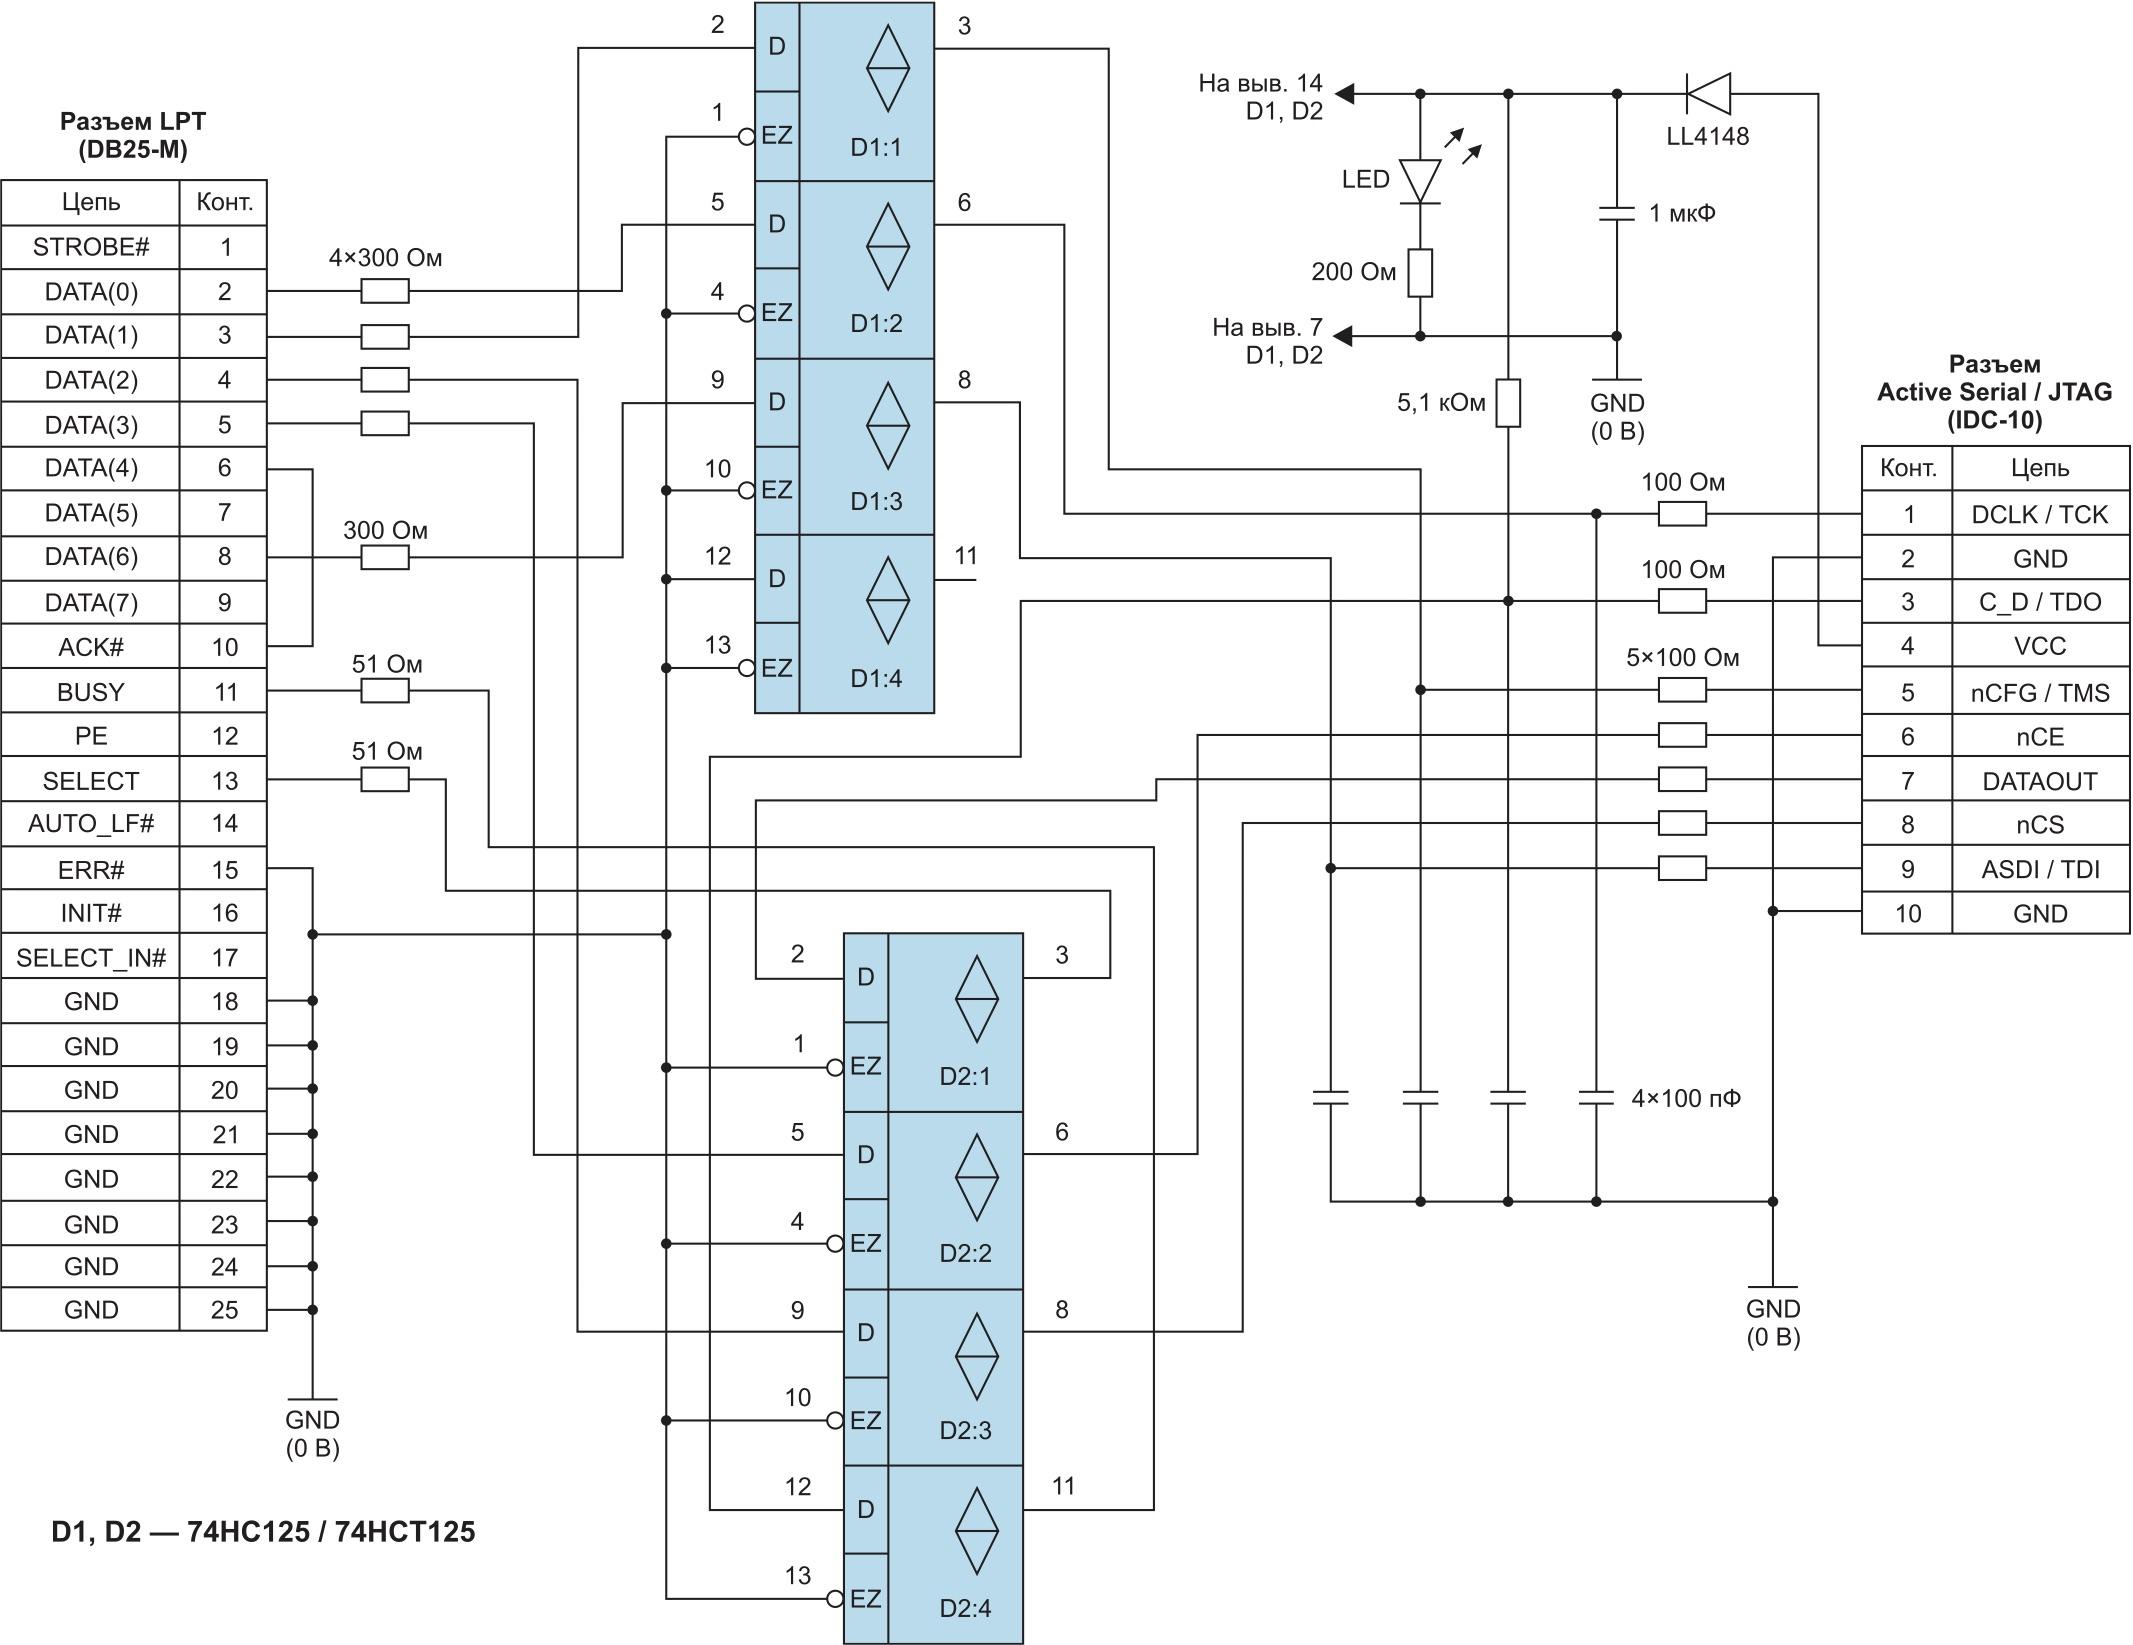 Принципиальная схема загрузочного кабеля для ПЛИС корпорации Altera